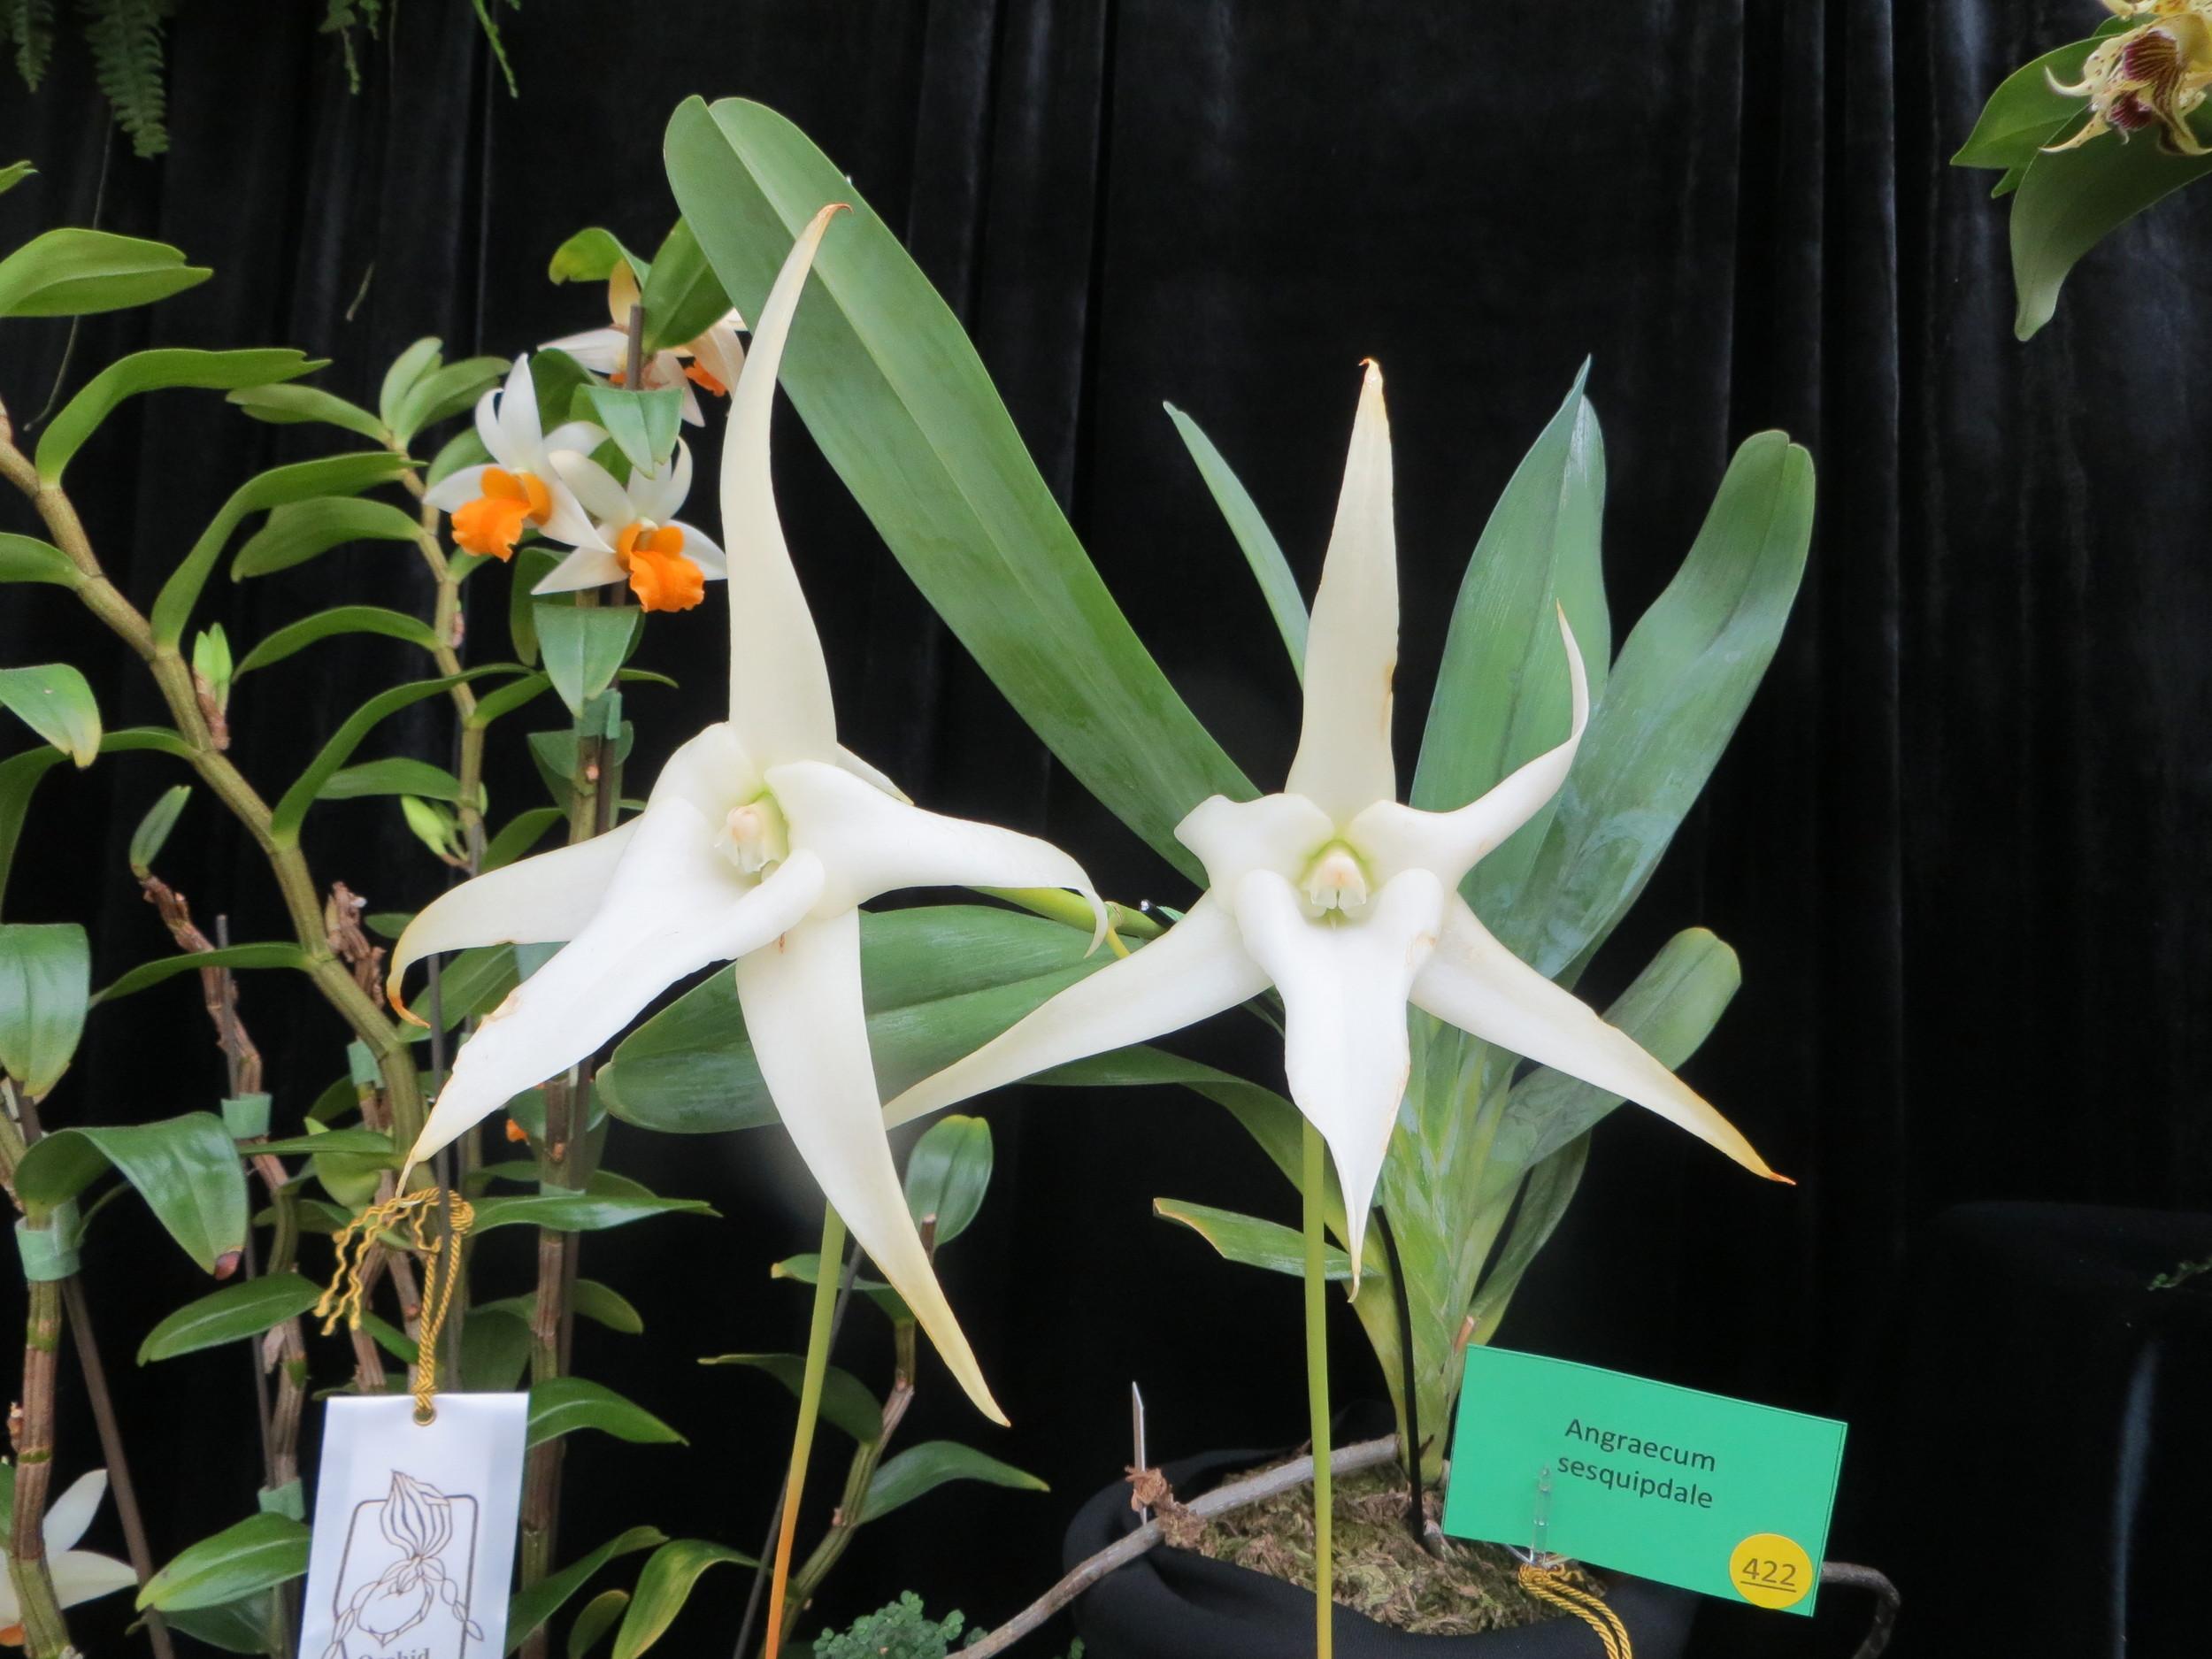 alterta orchid2014 134.JPG